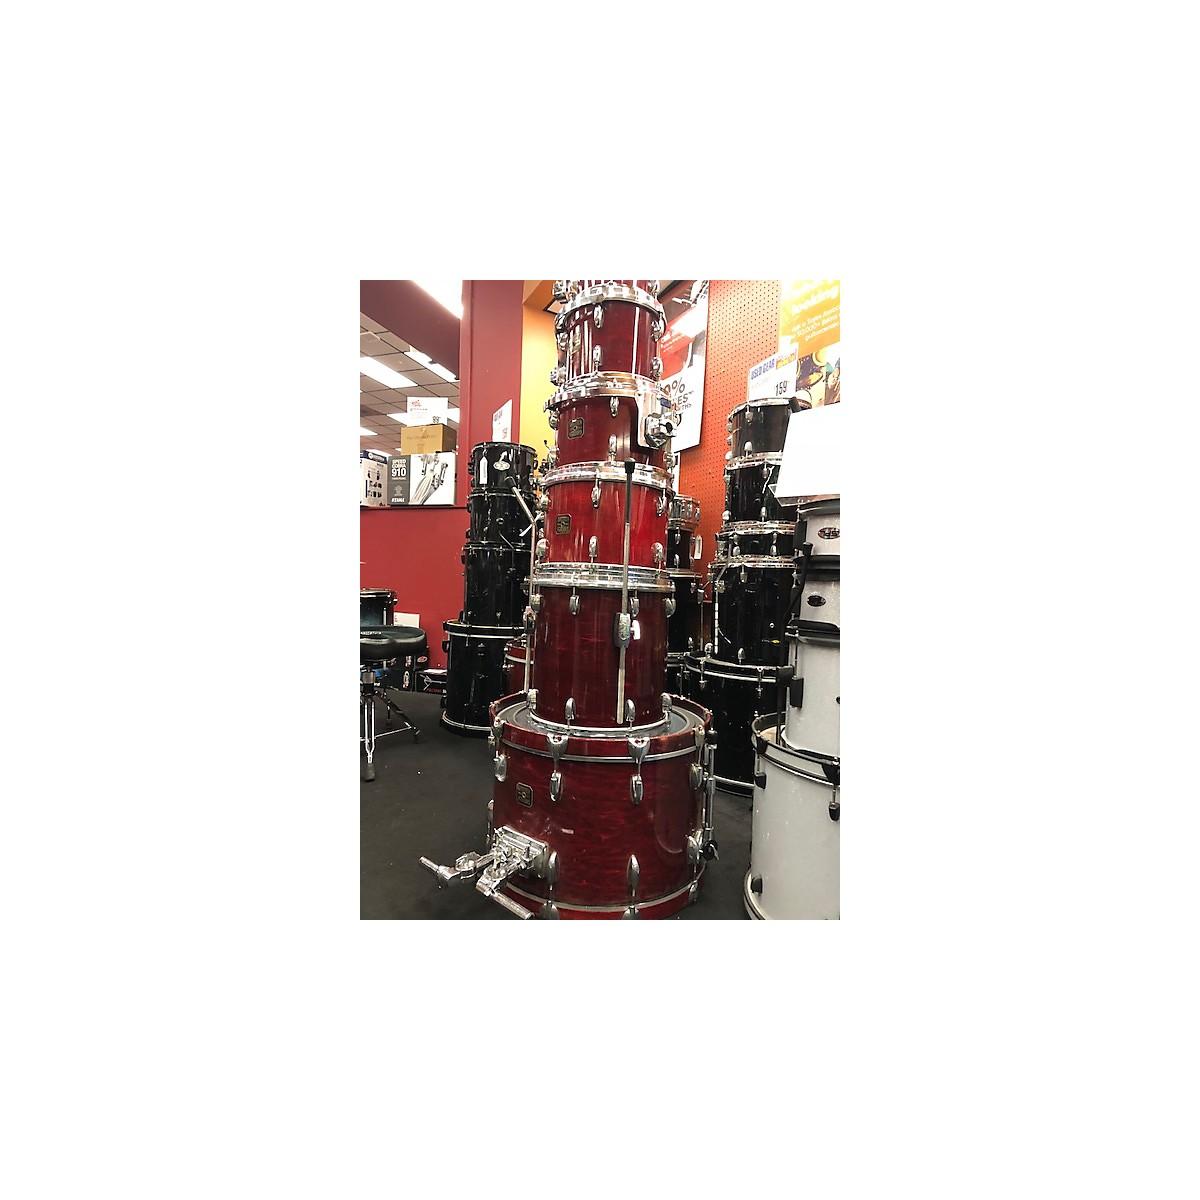 Gretsch Drums 1980s USA Drum Kit